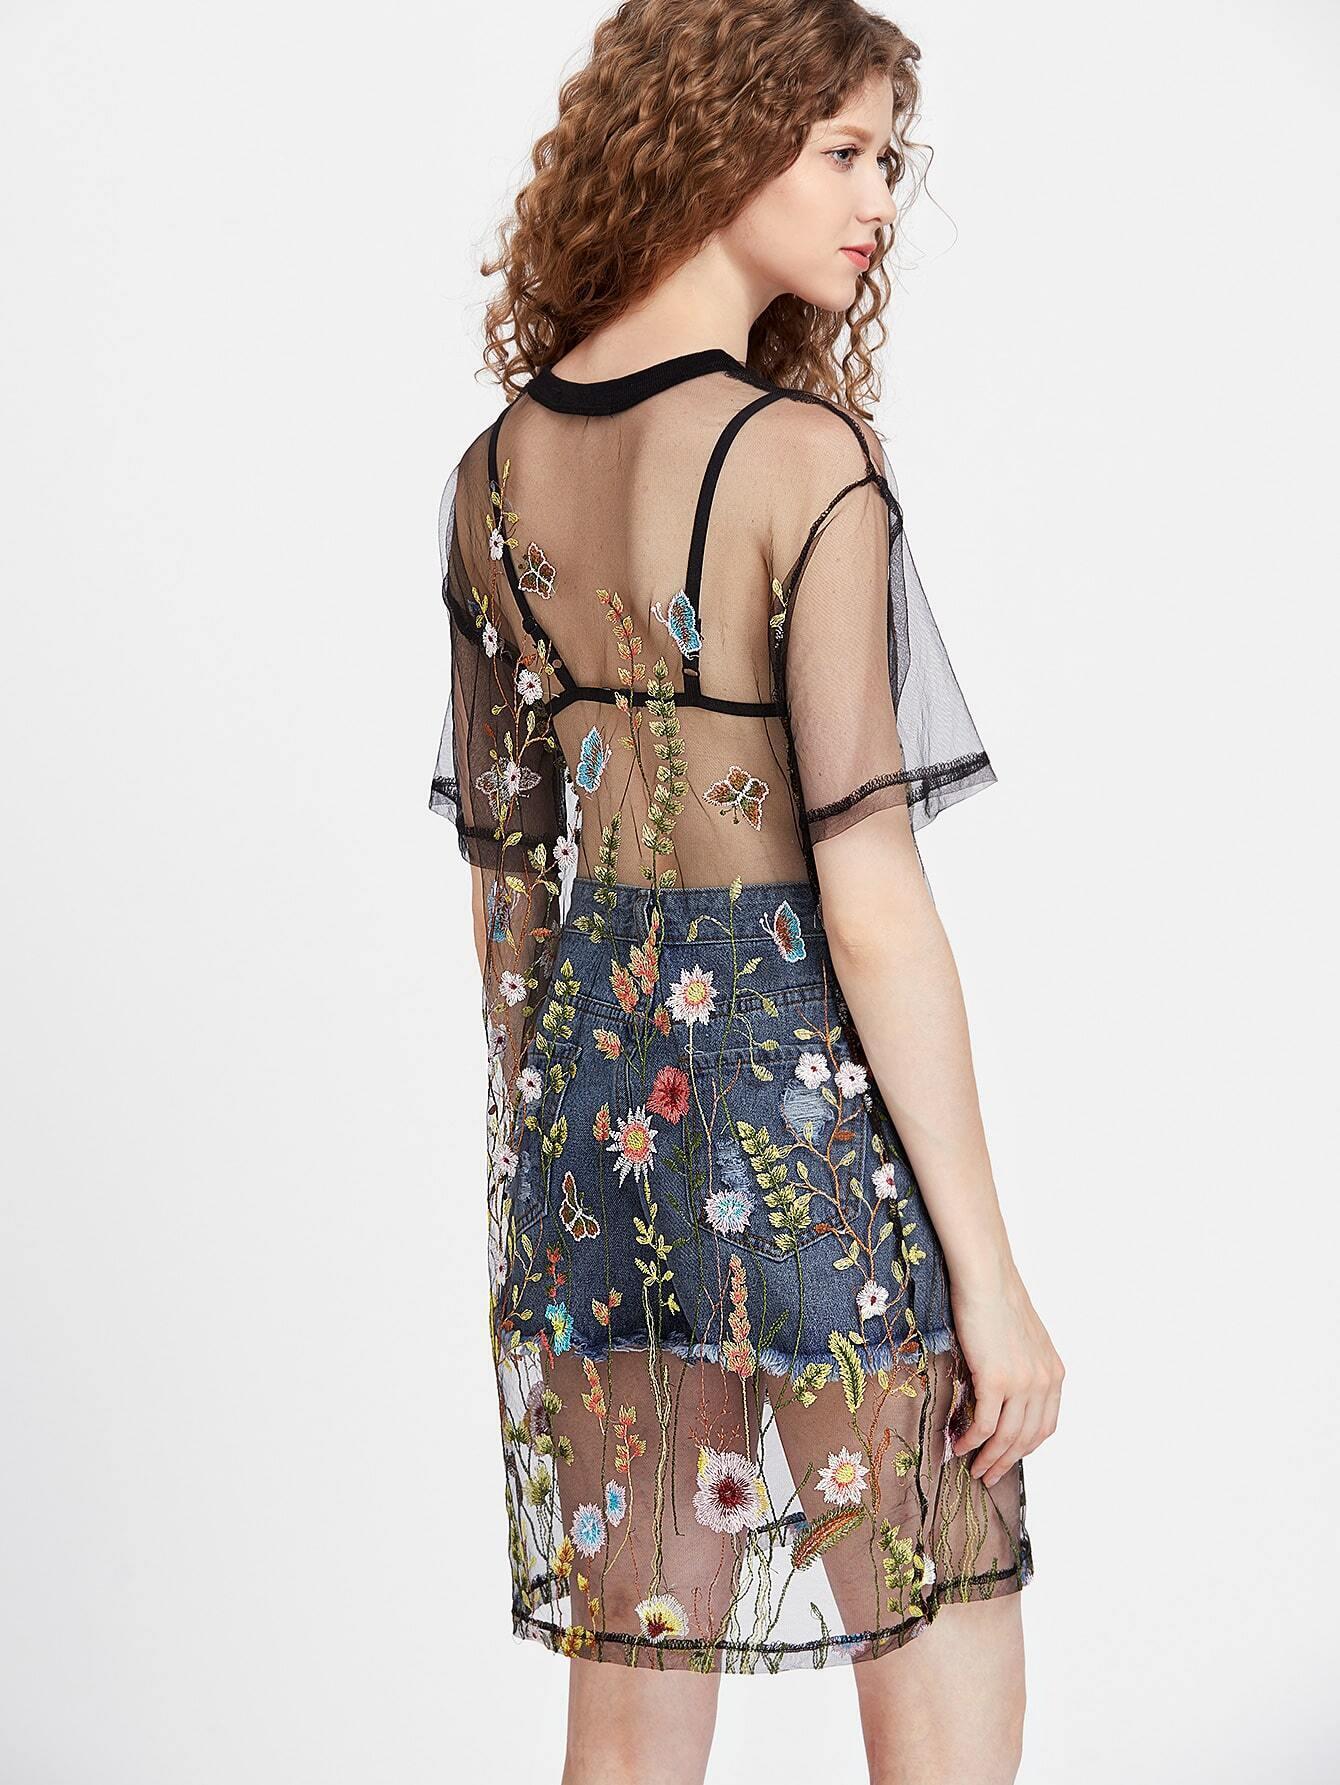 dress170413202_2